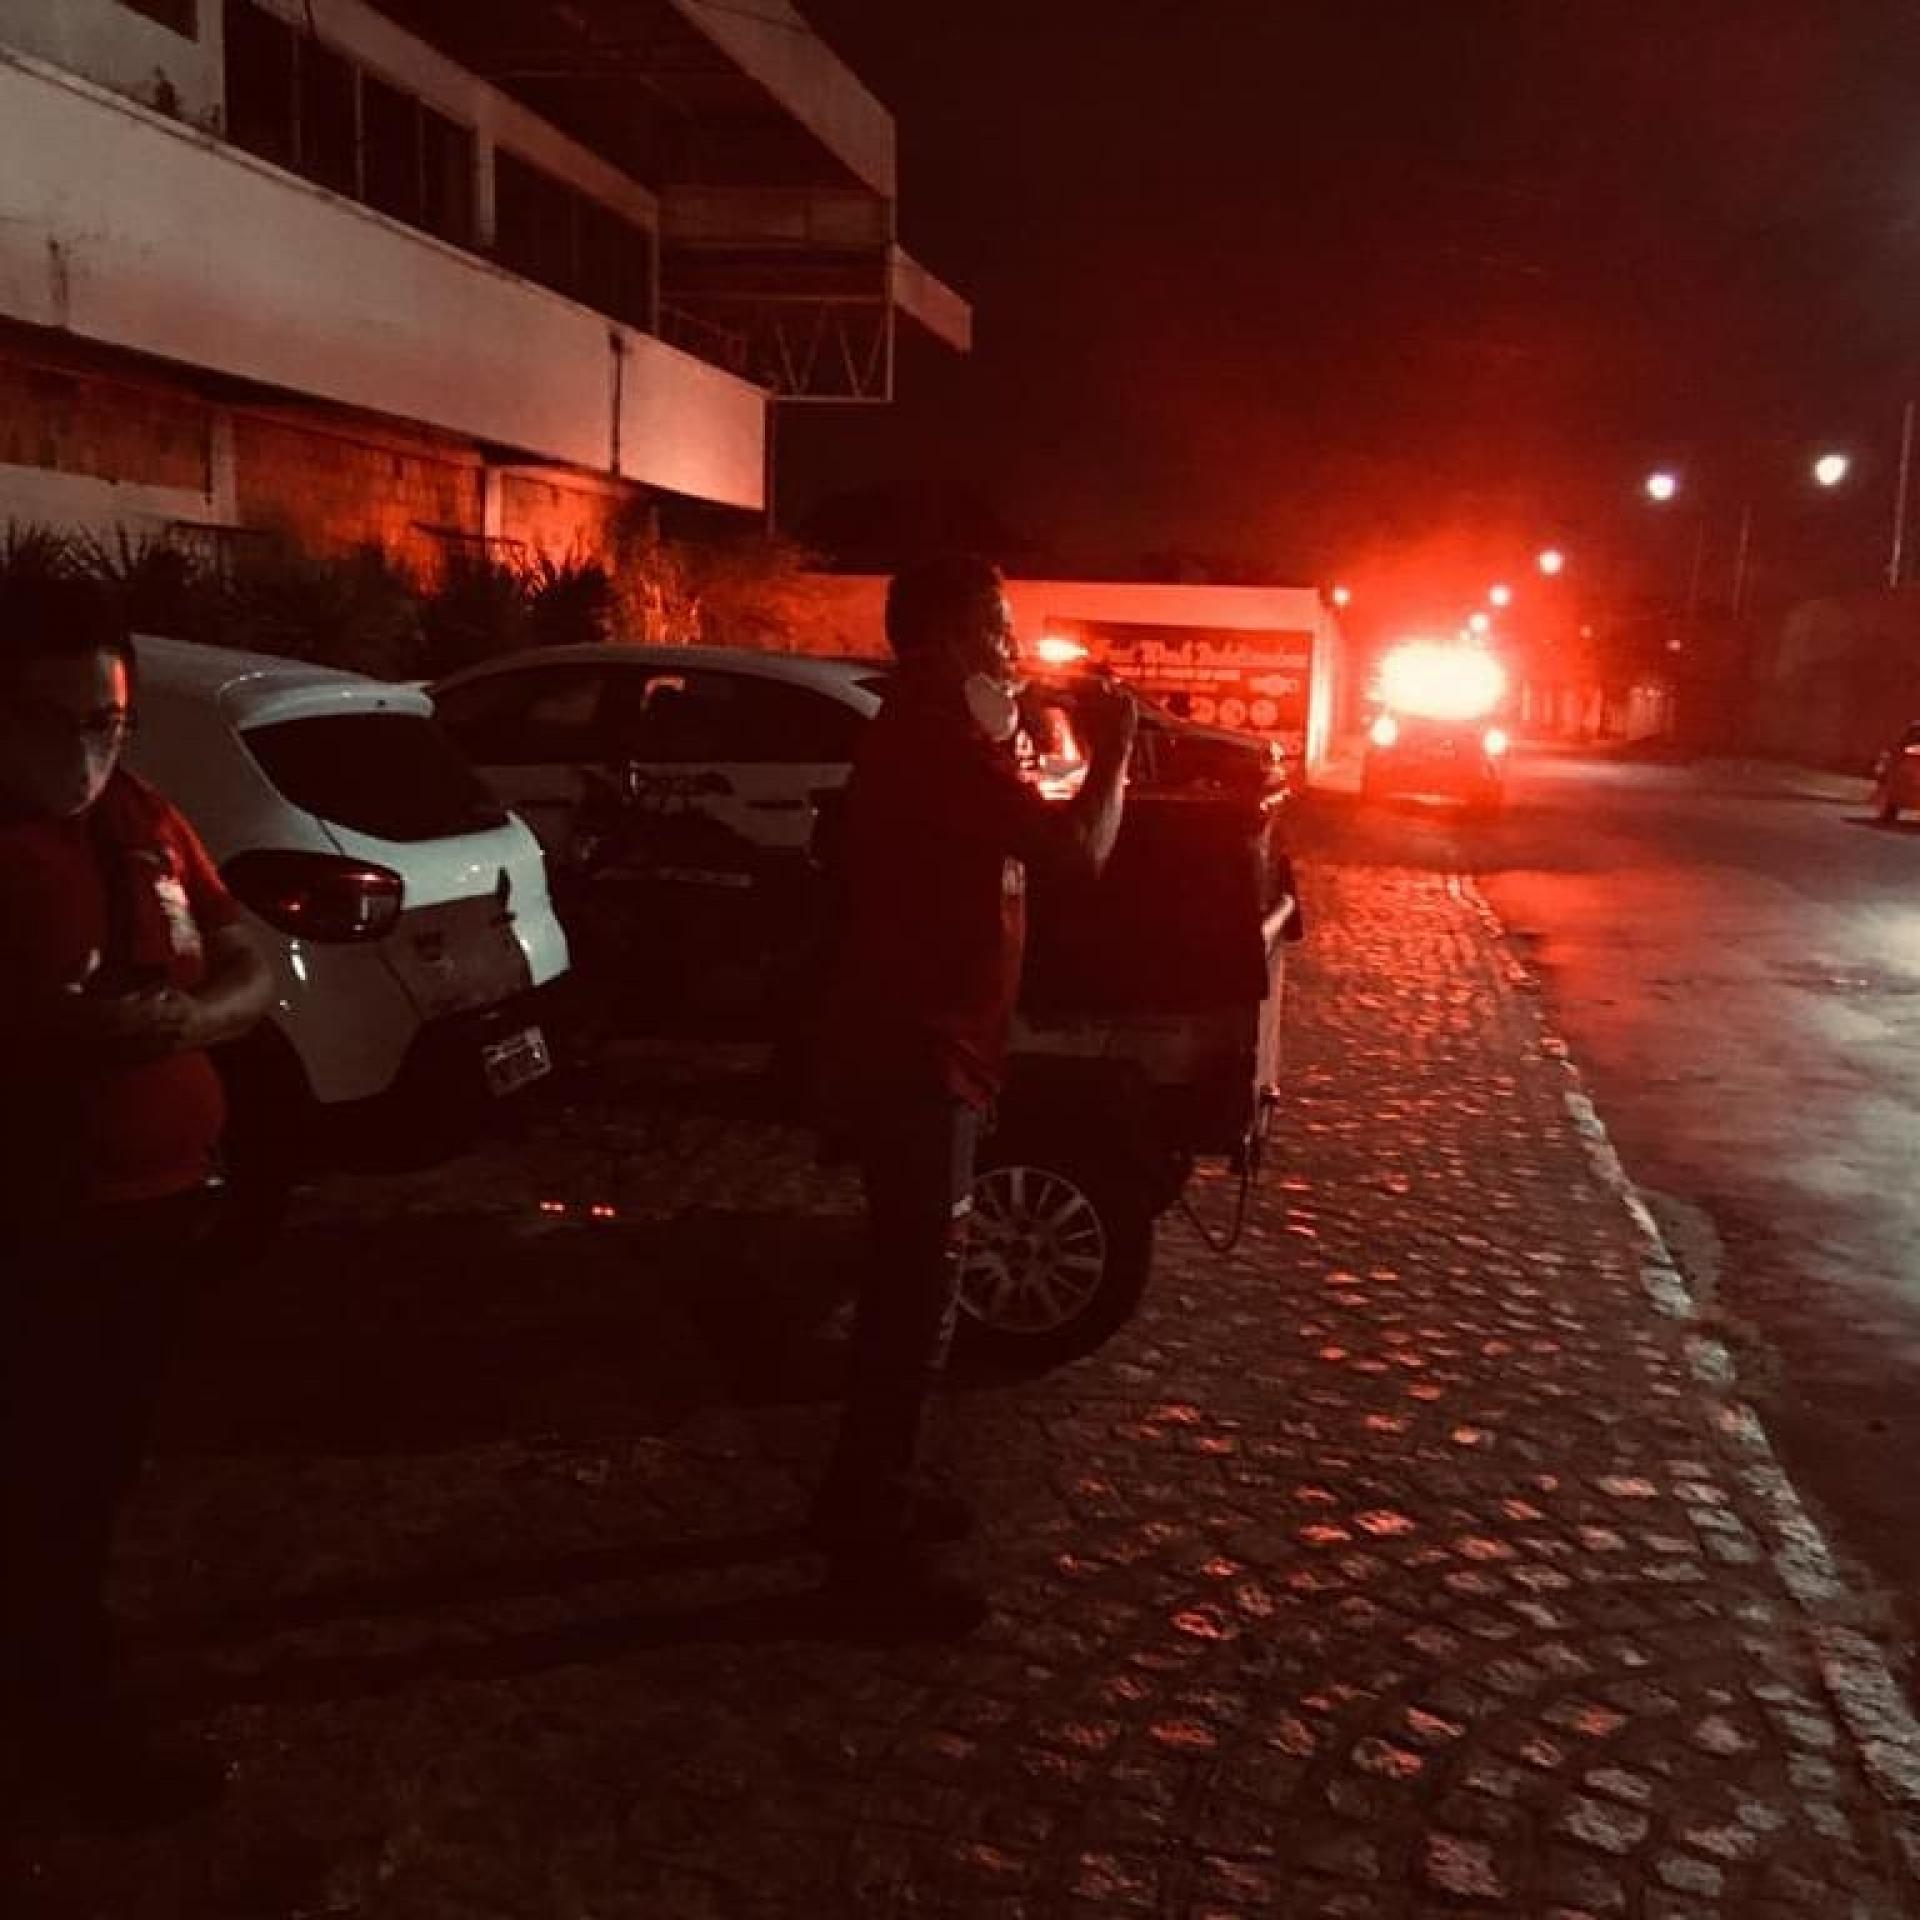 Direção do Sintro registra presença de três viaturas na garagem da empresa de ônibus Santa Maria para garantir saída dos veículos nesta madrugada